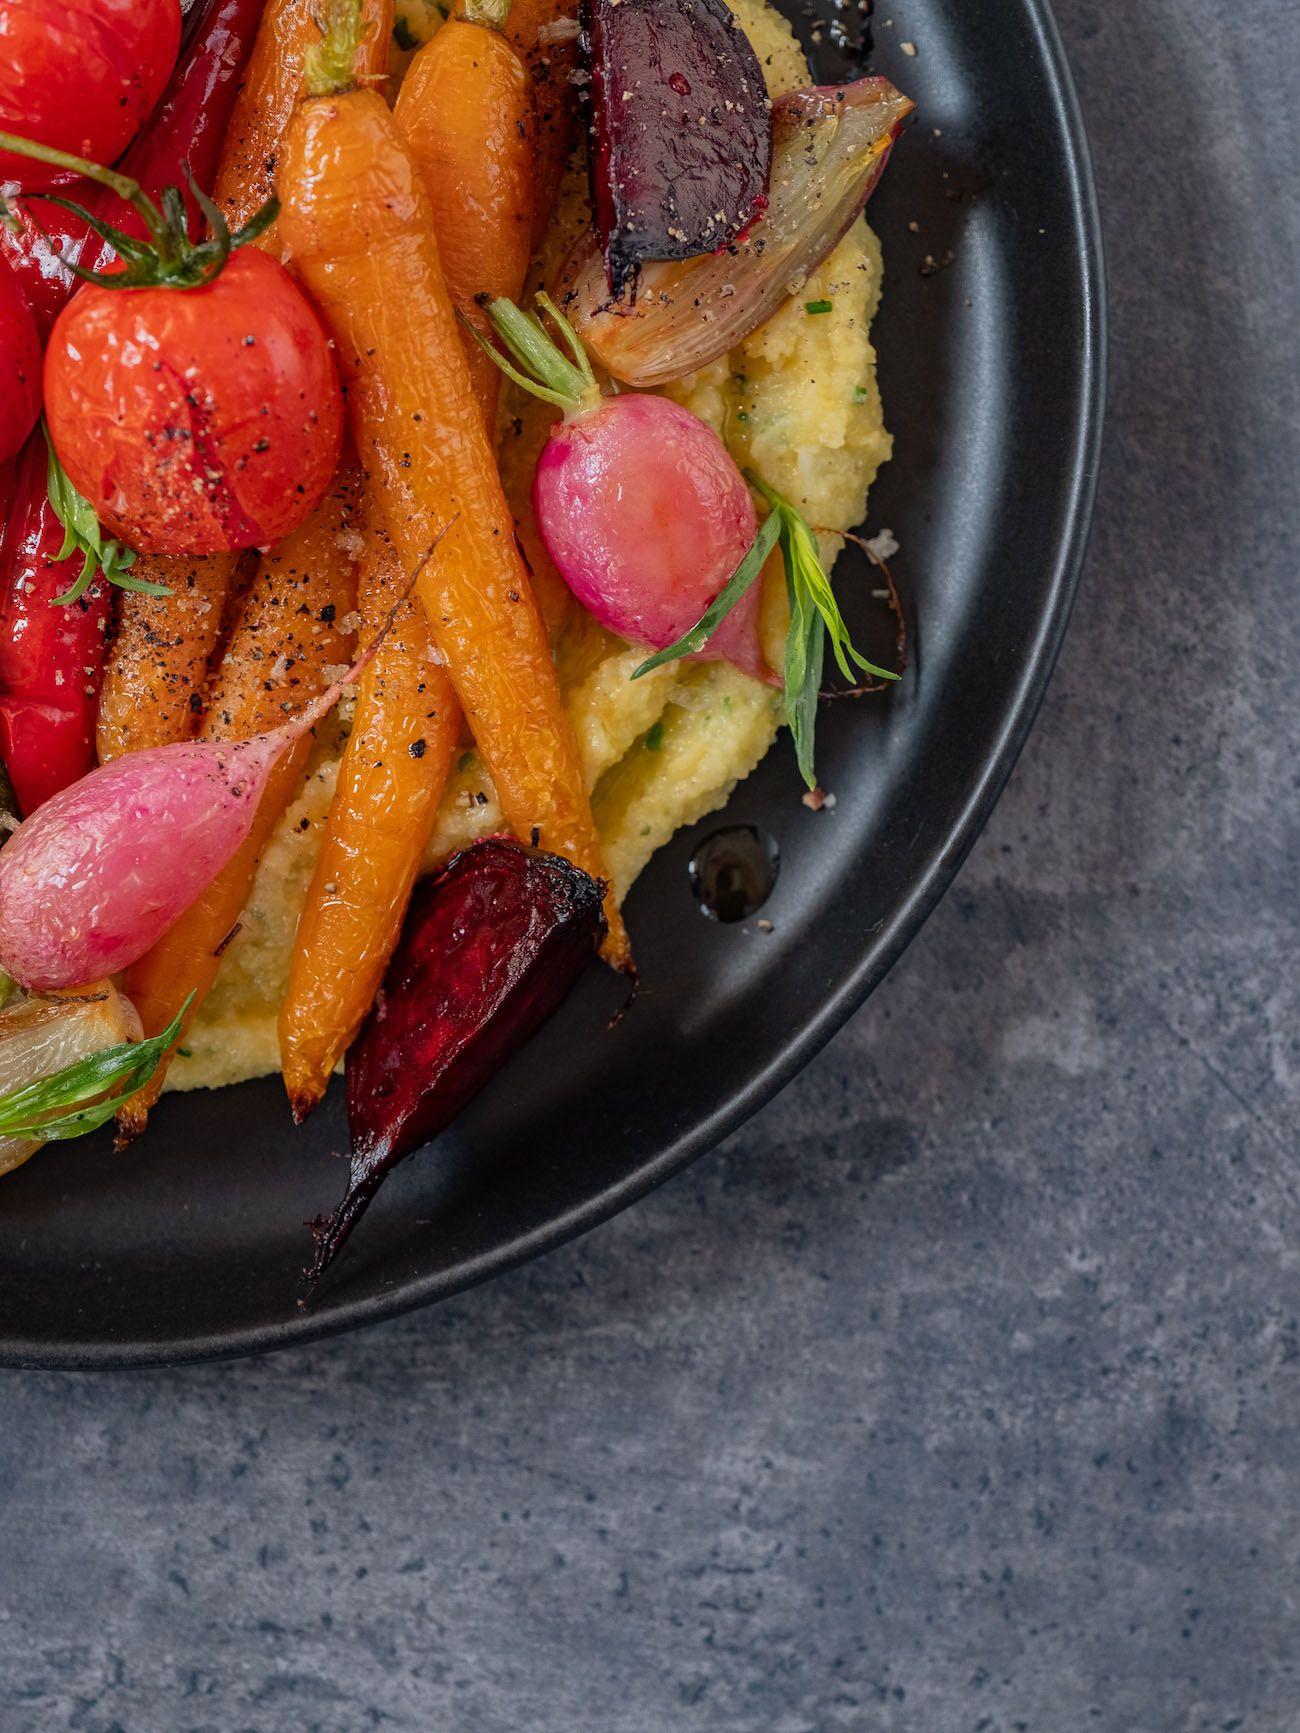 Rezept, Foodblo, About Fuel, Cremige Polenta mit Sommergemüse, Rote Bete, Estragon, Radieschen